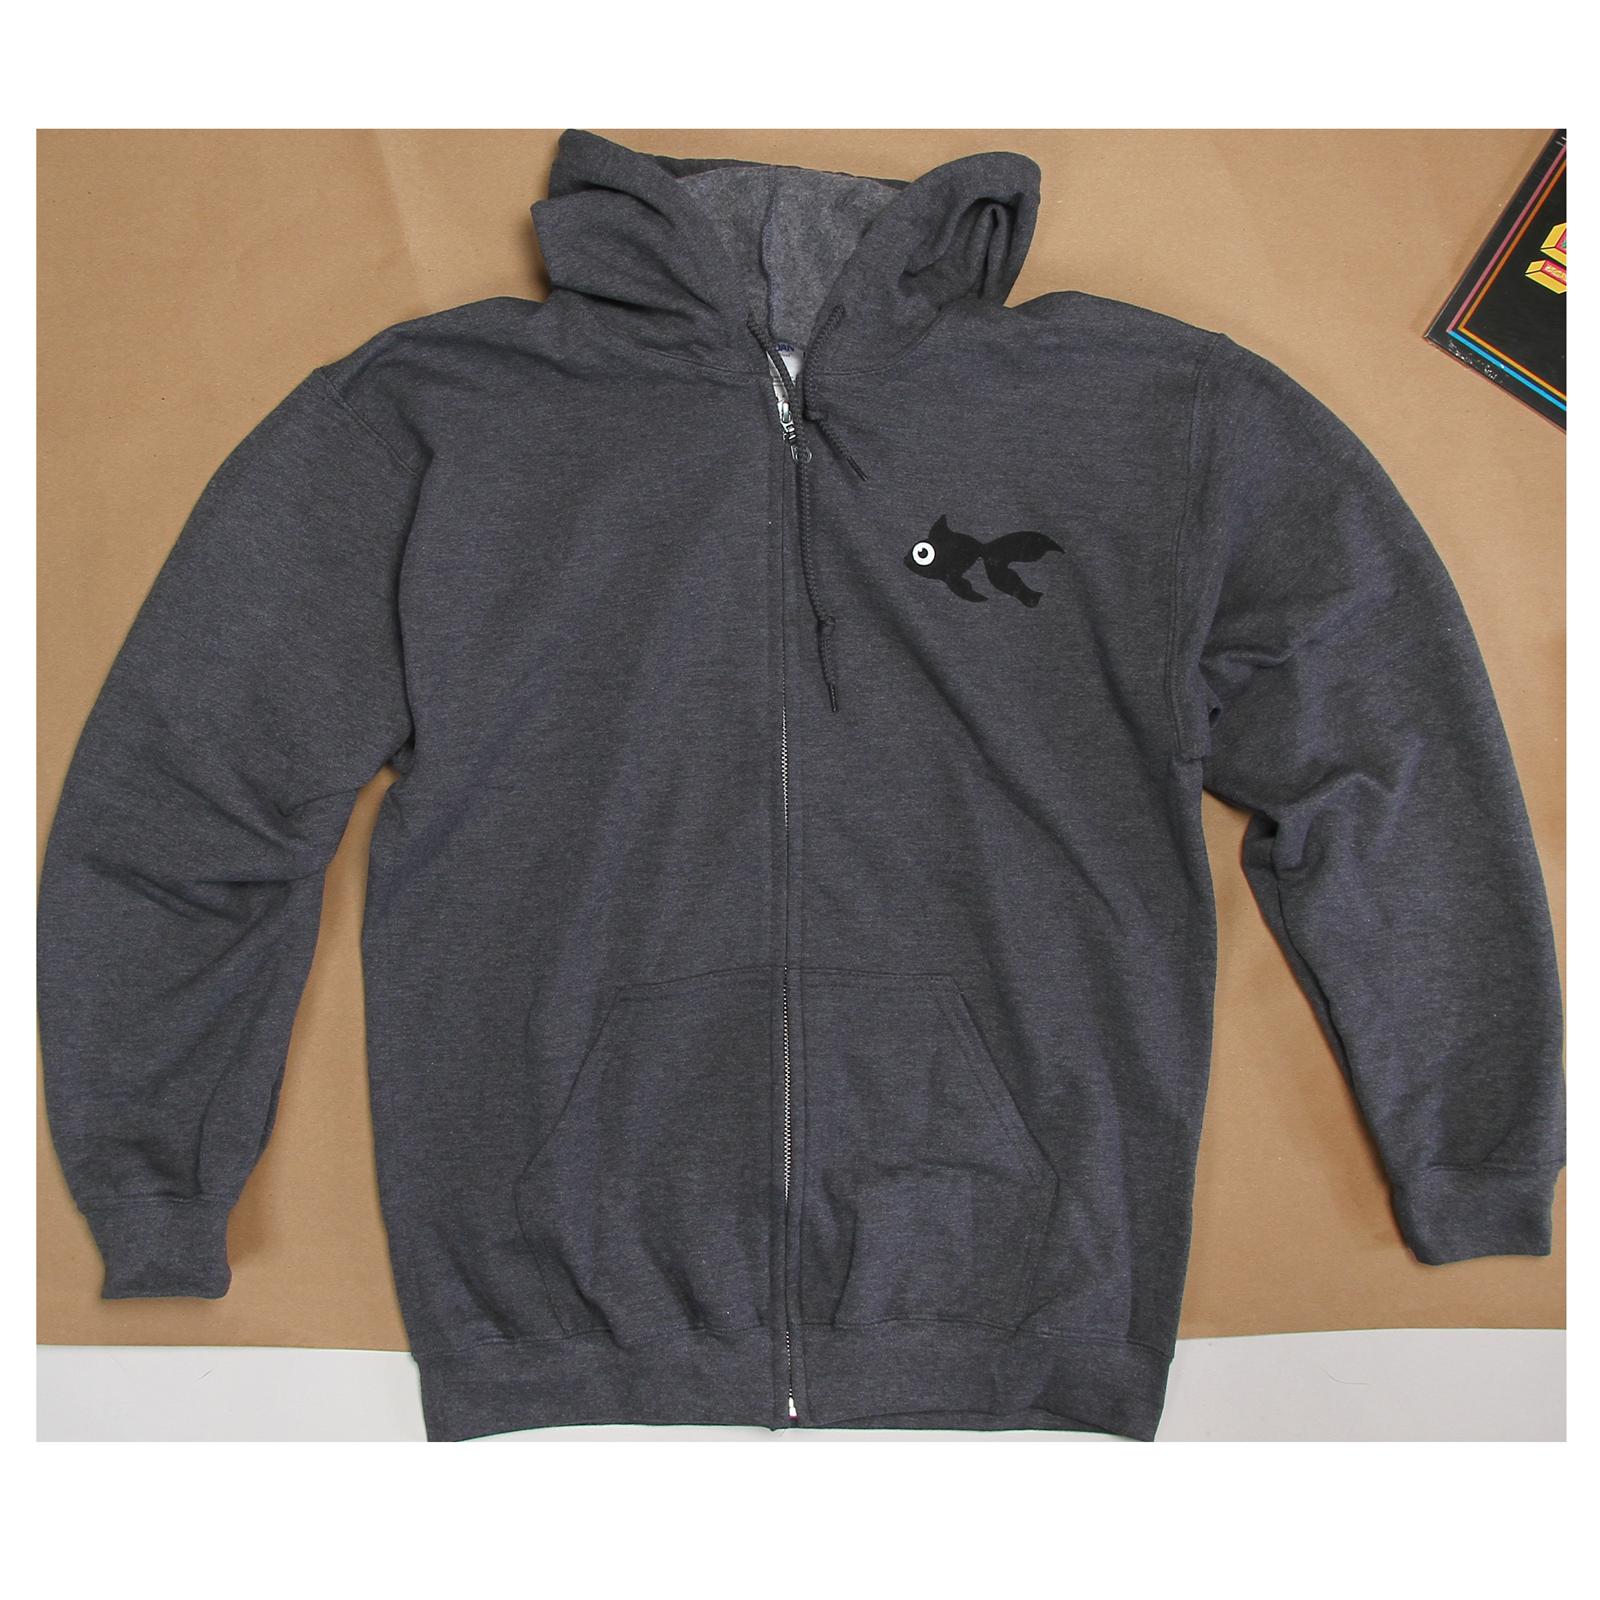 Grey Blinky Zip Up Sweatshirt